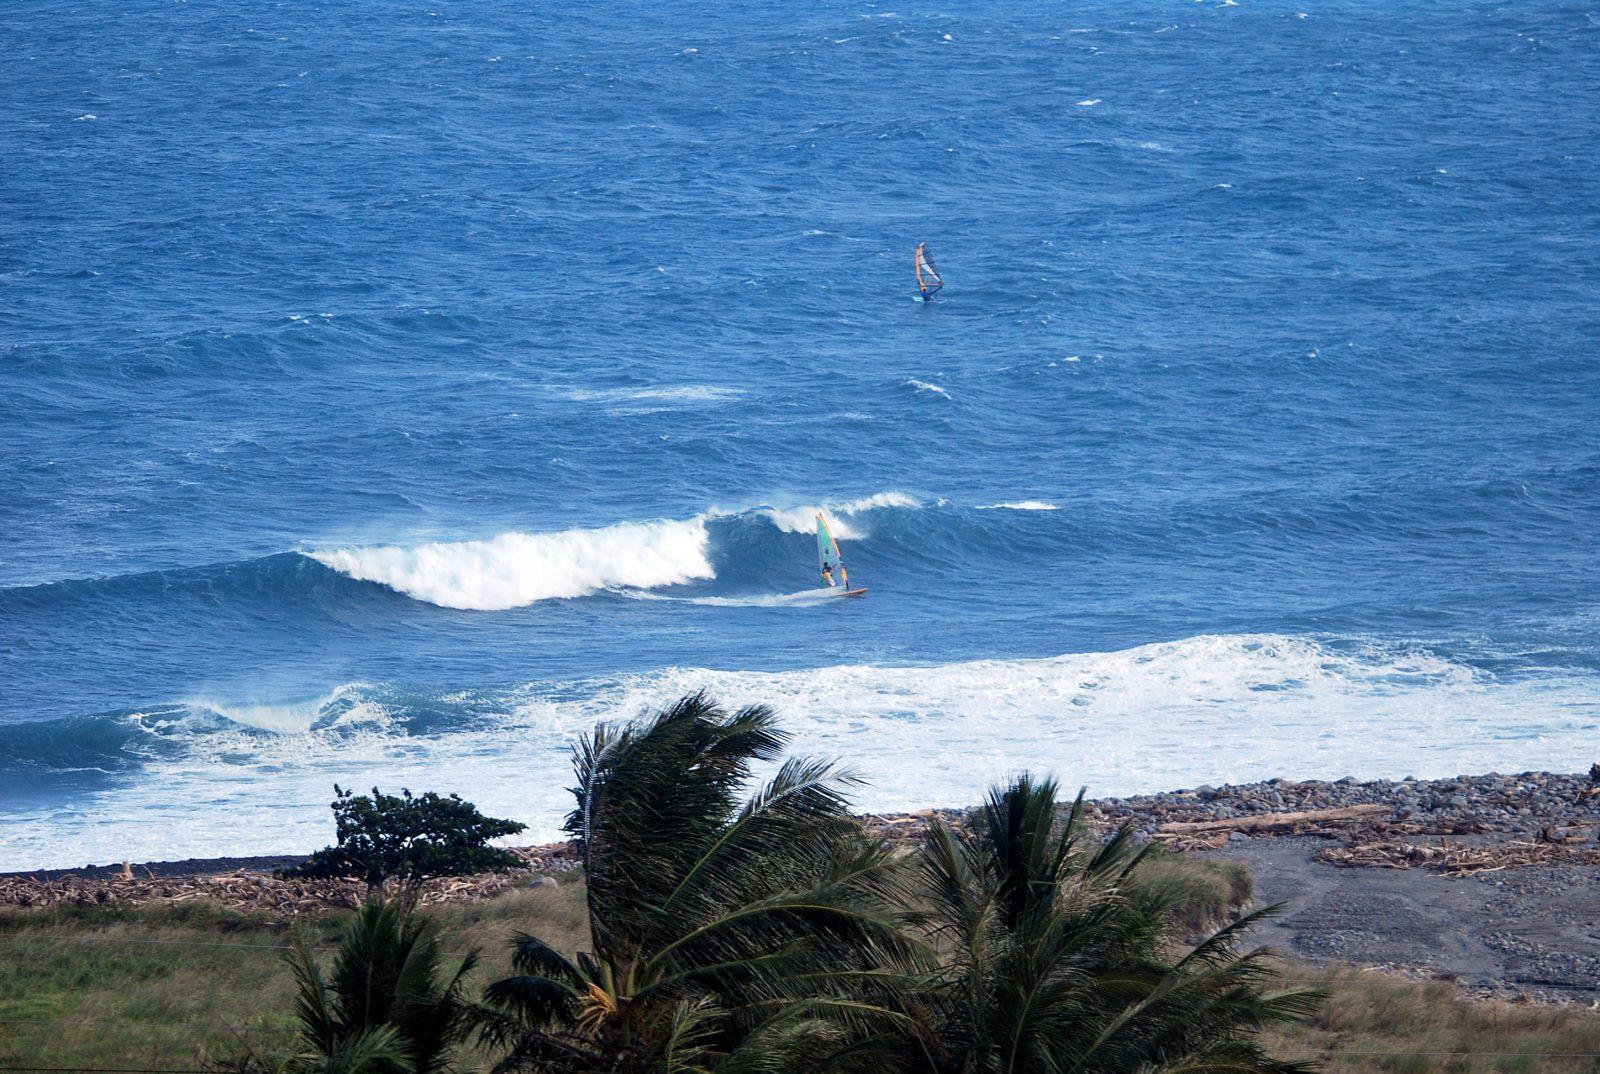 windsurfing-Taiwan-Jinzun-Point-bottom-turn-e1465092722794